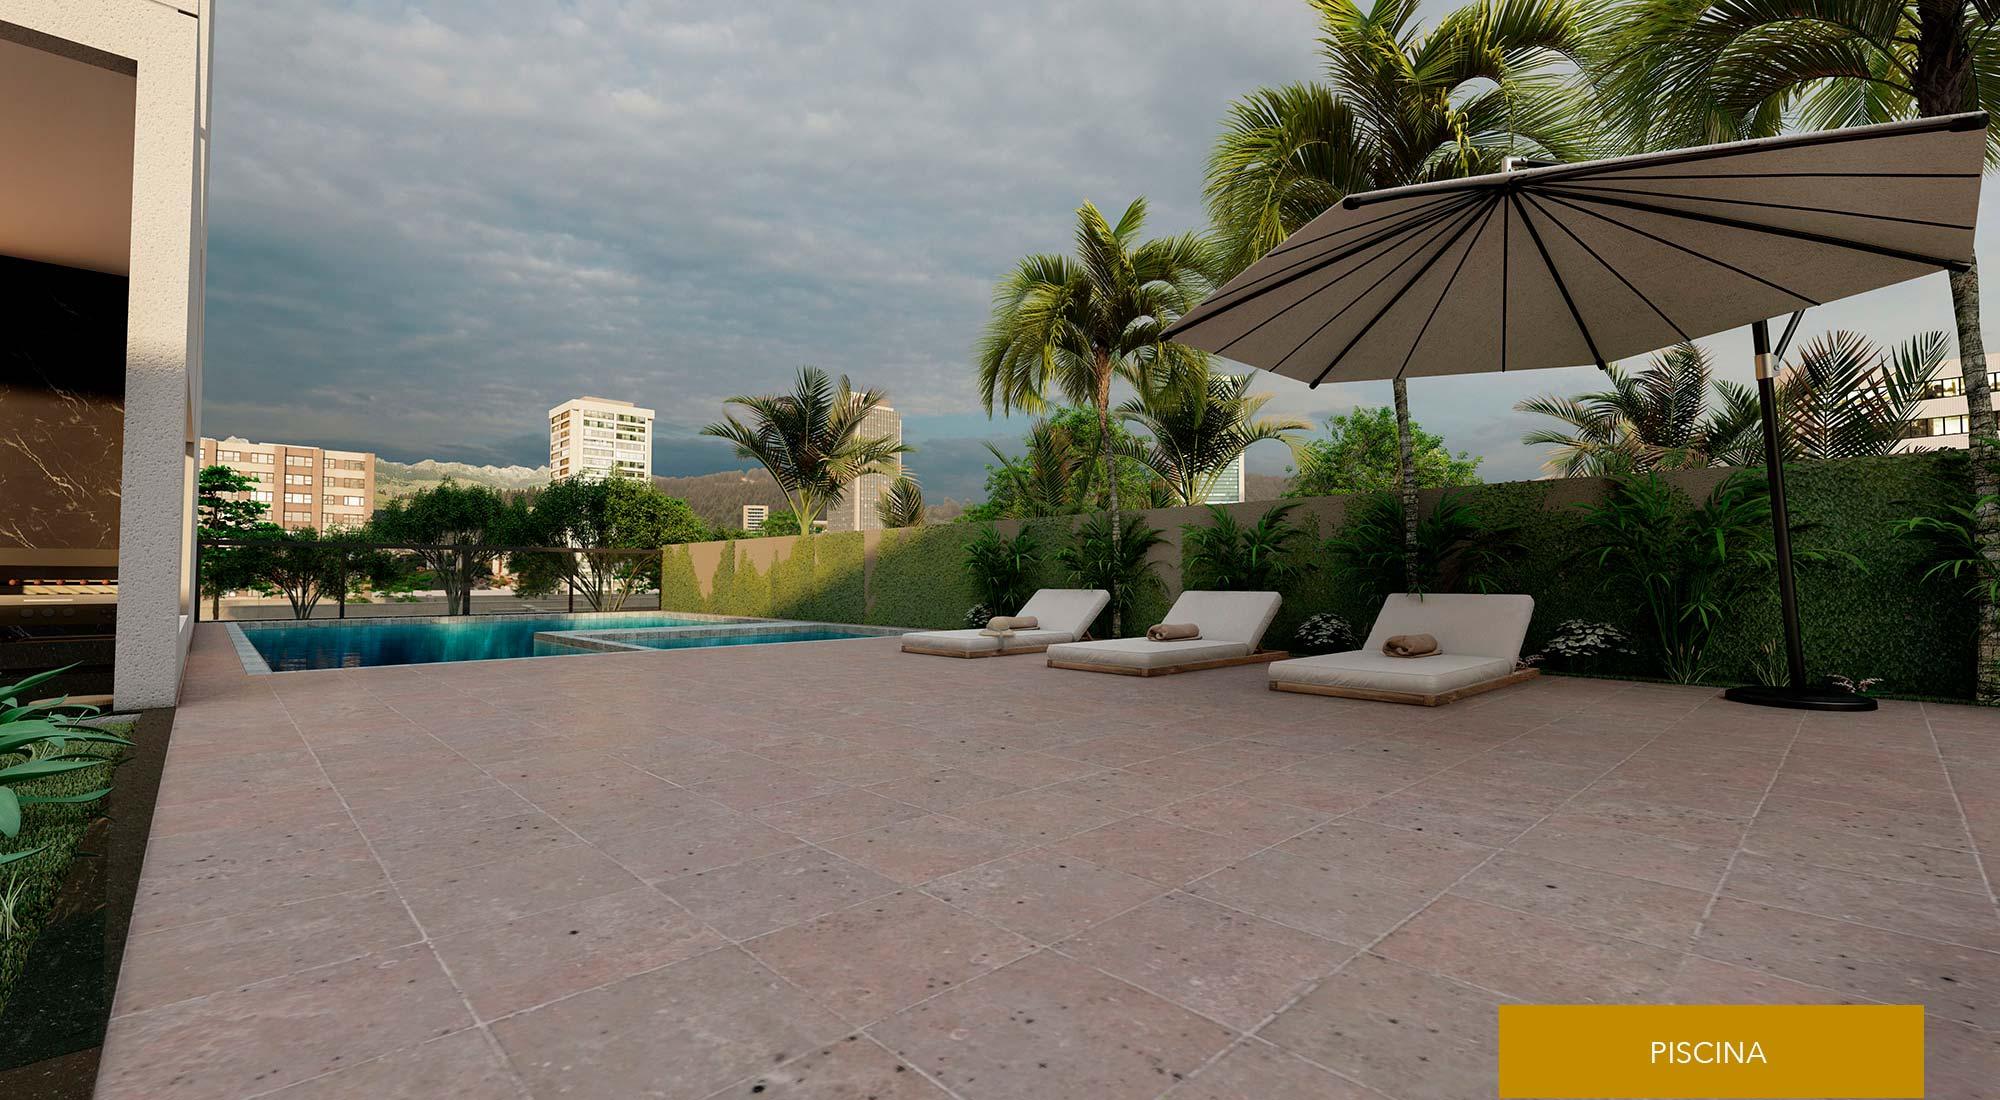 piscina-the-one-residence-carrosel